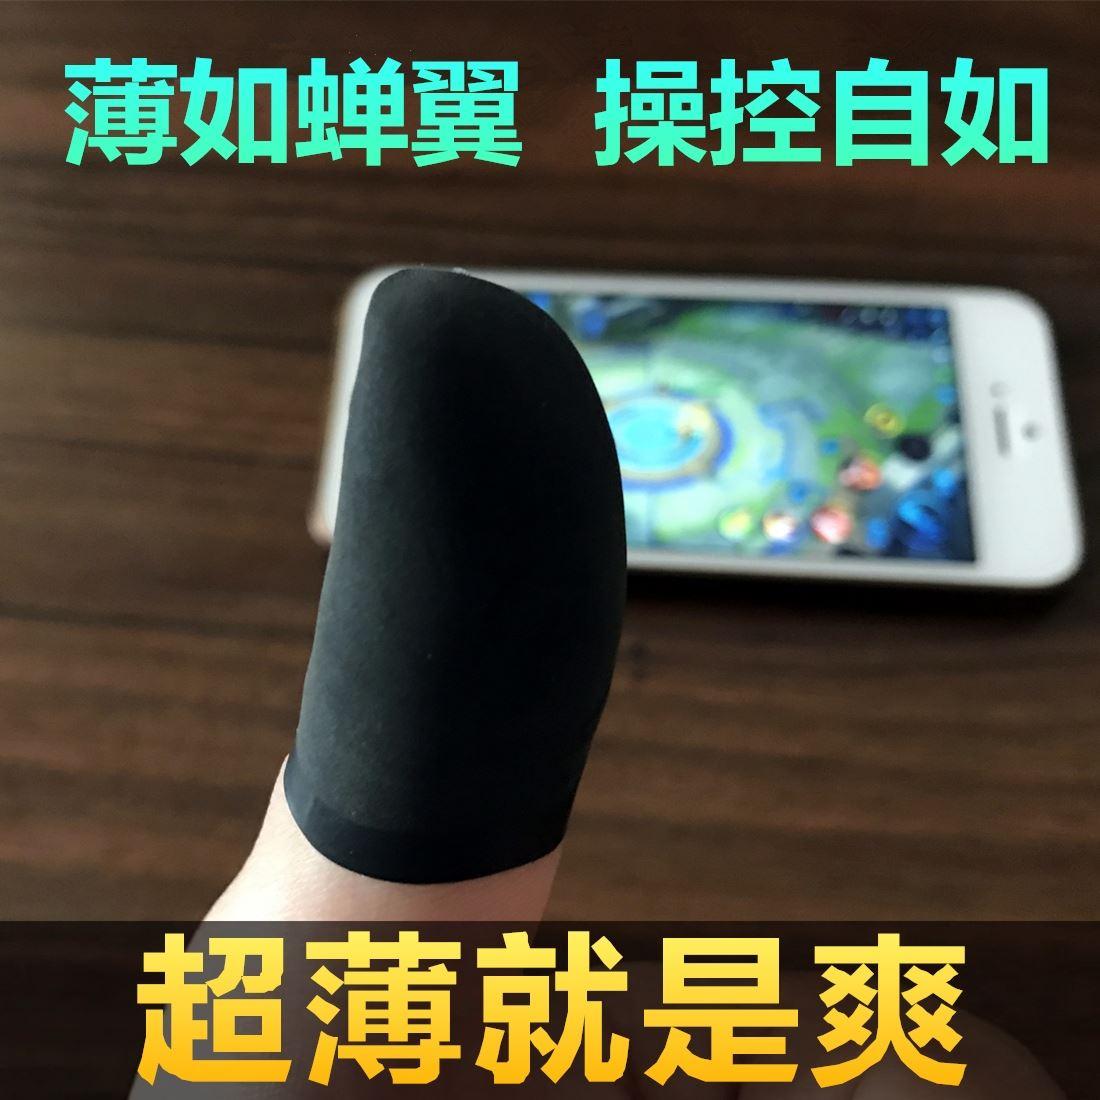 加厚超薄游戏触屏拇指套手指胶皮透气弹琴大号触屏男士手游新款防